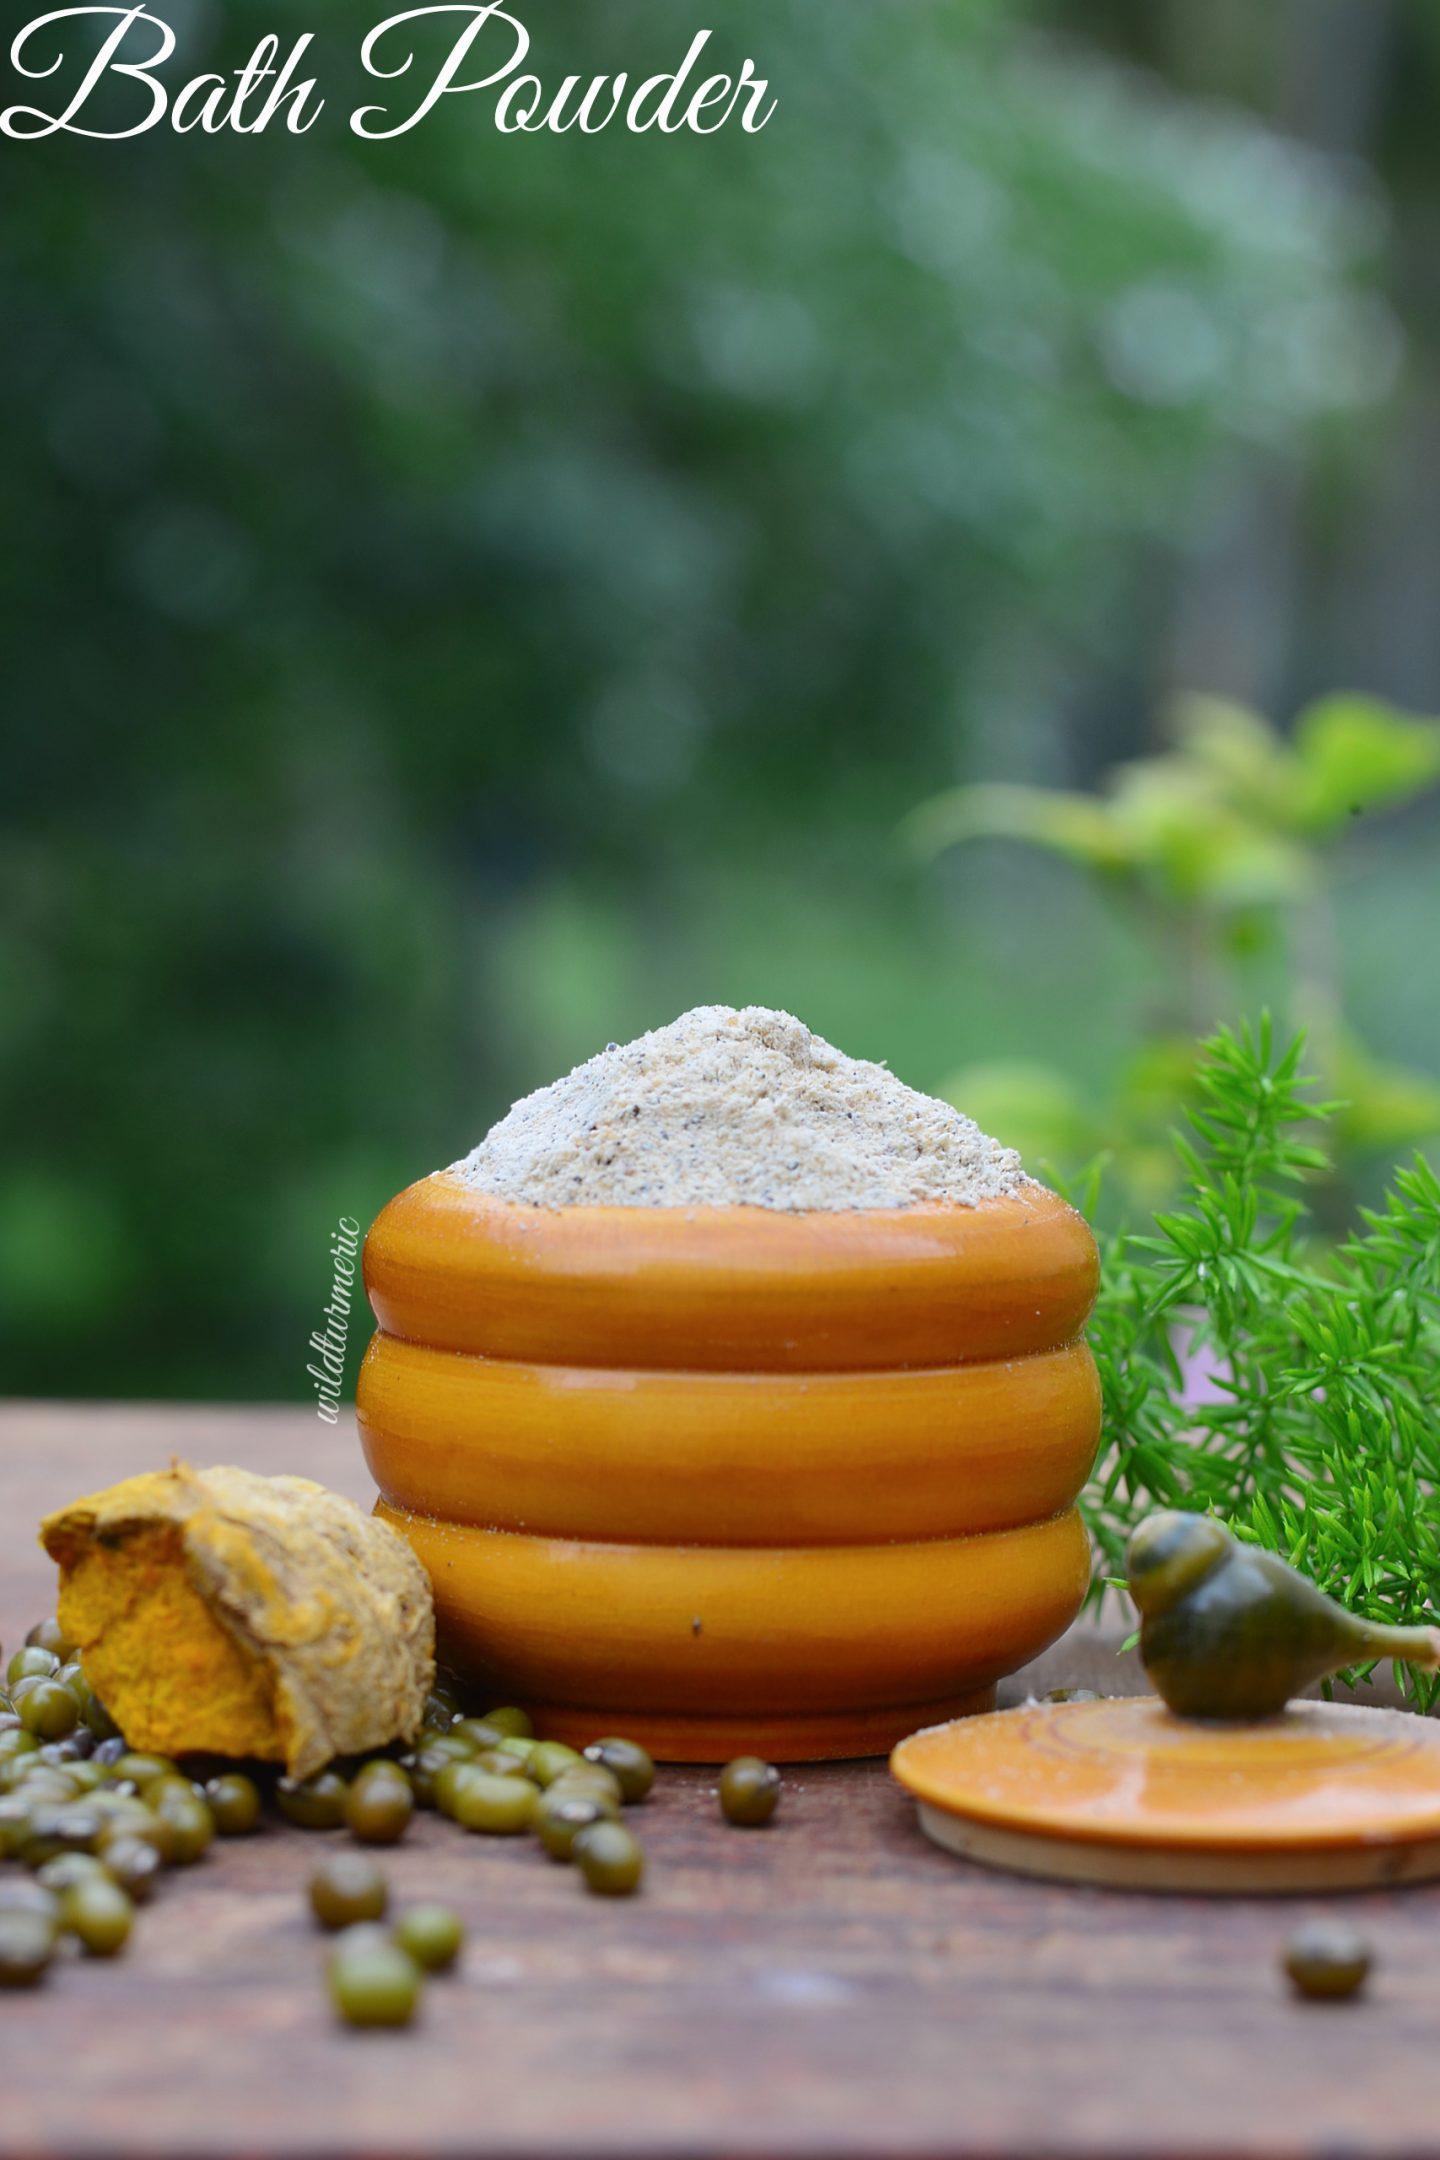 herbal bath powder recipe